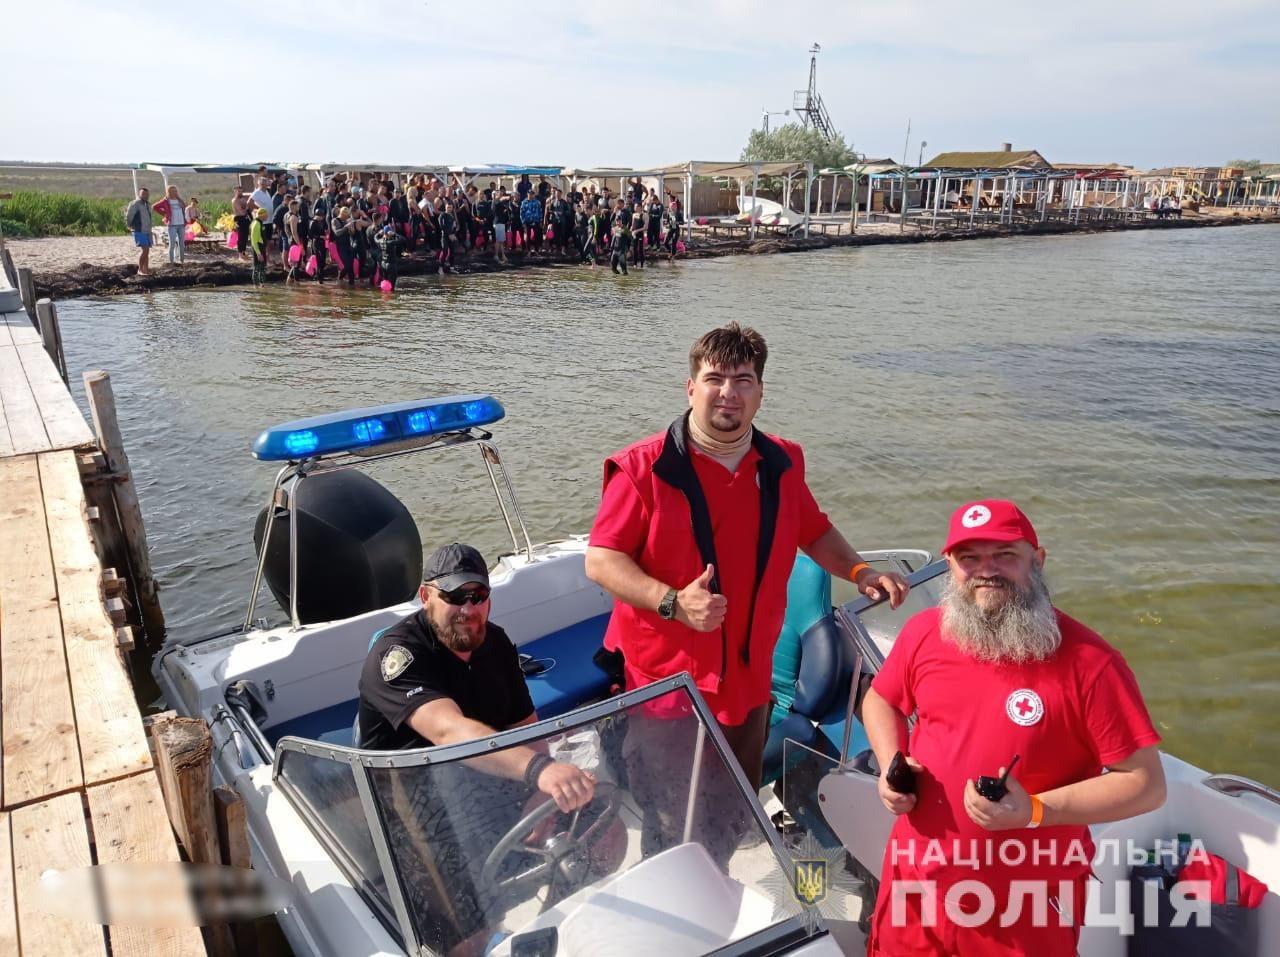 Скадовск,заплыв,водные полицейские